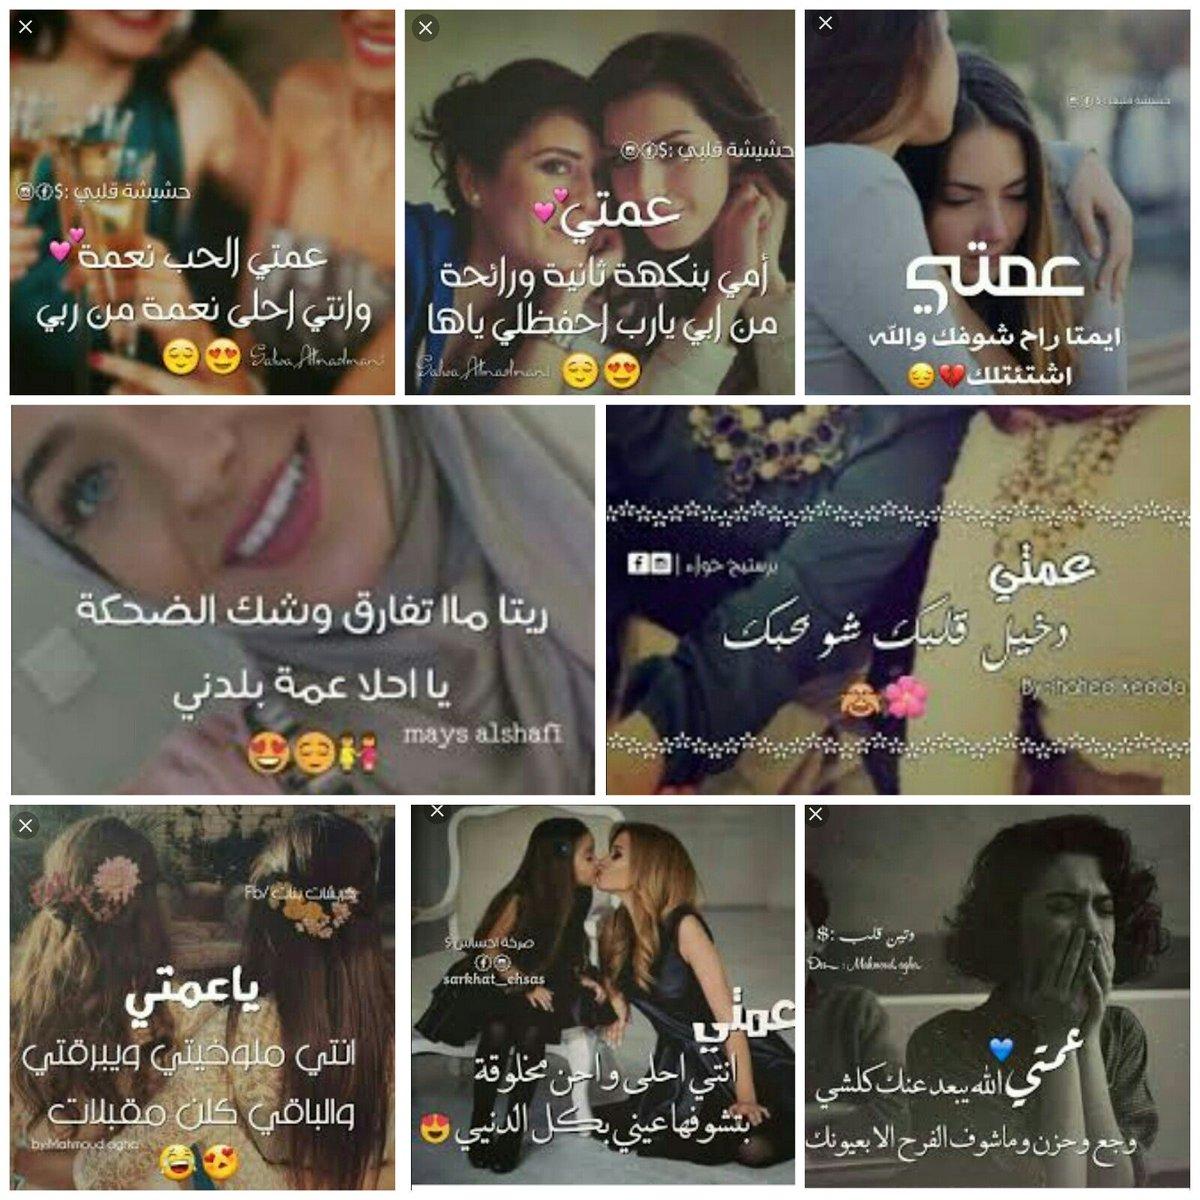 Asma Jarkas On Twitter عمتي حبيبة قلبي وروحي ونور عيوني وكل